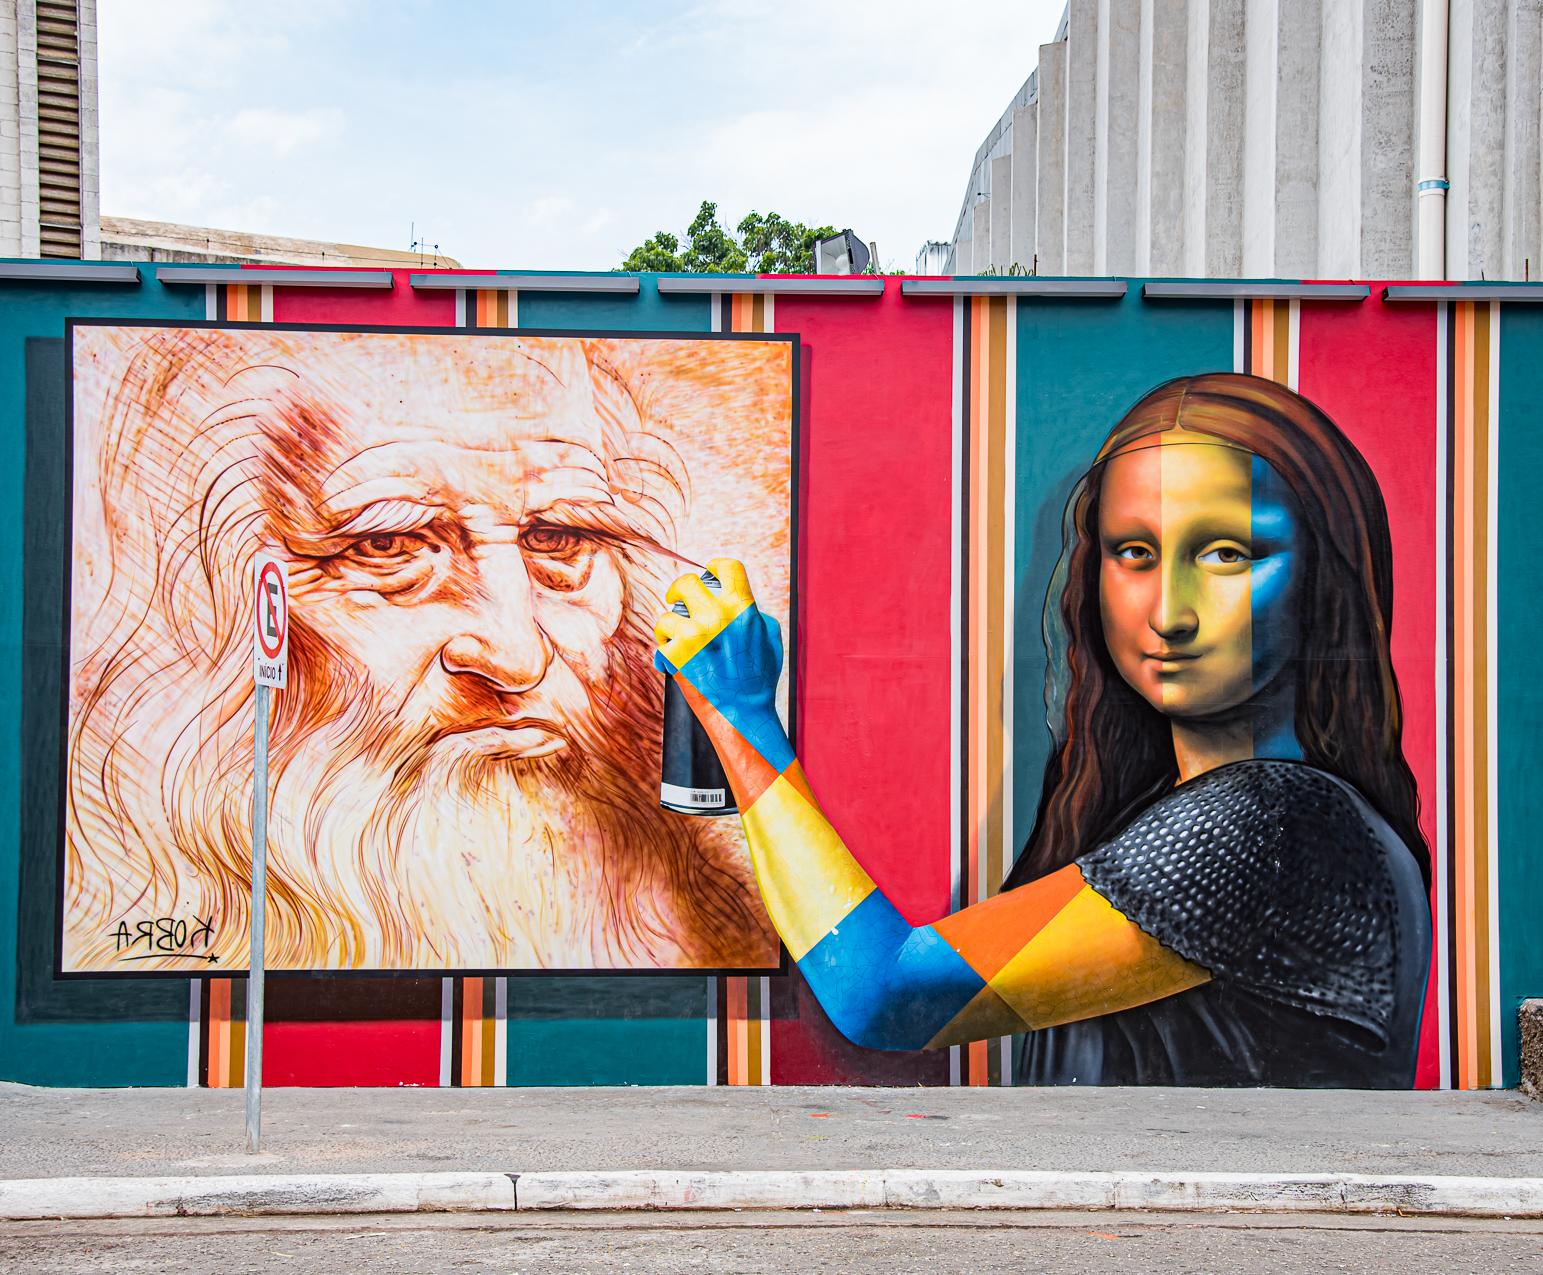 Releitura tridimensional de Mona Lisa, painel pintado por Eduardo Kobra no MIS Experience